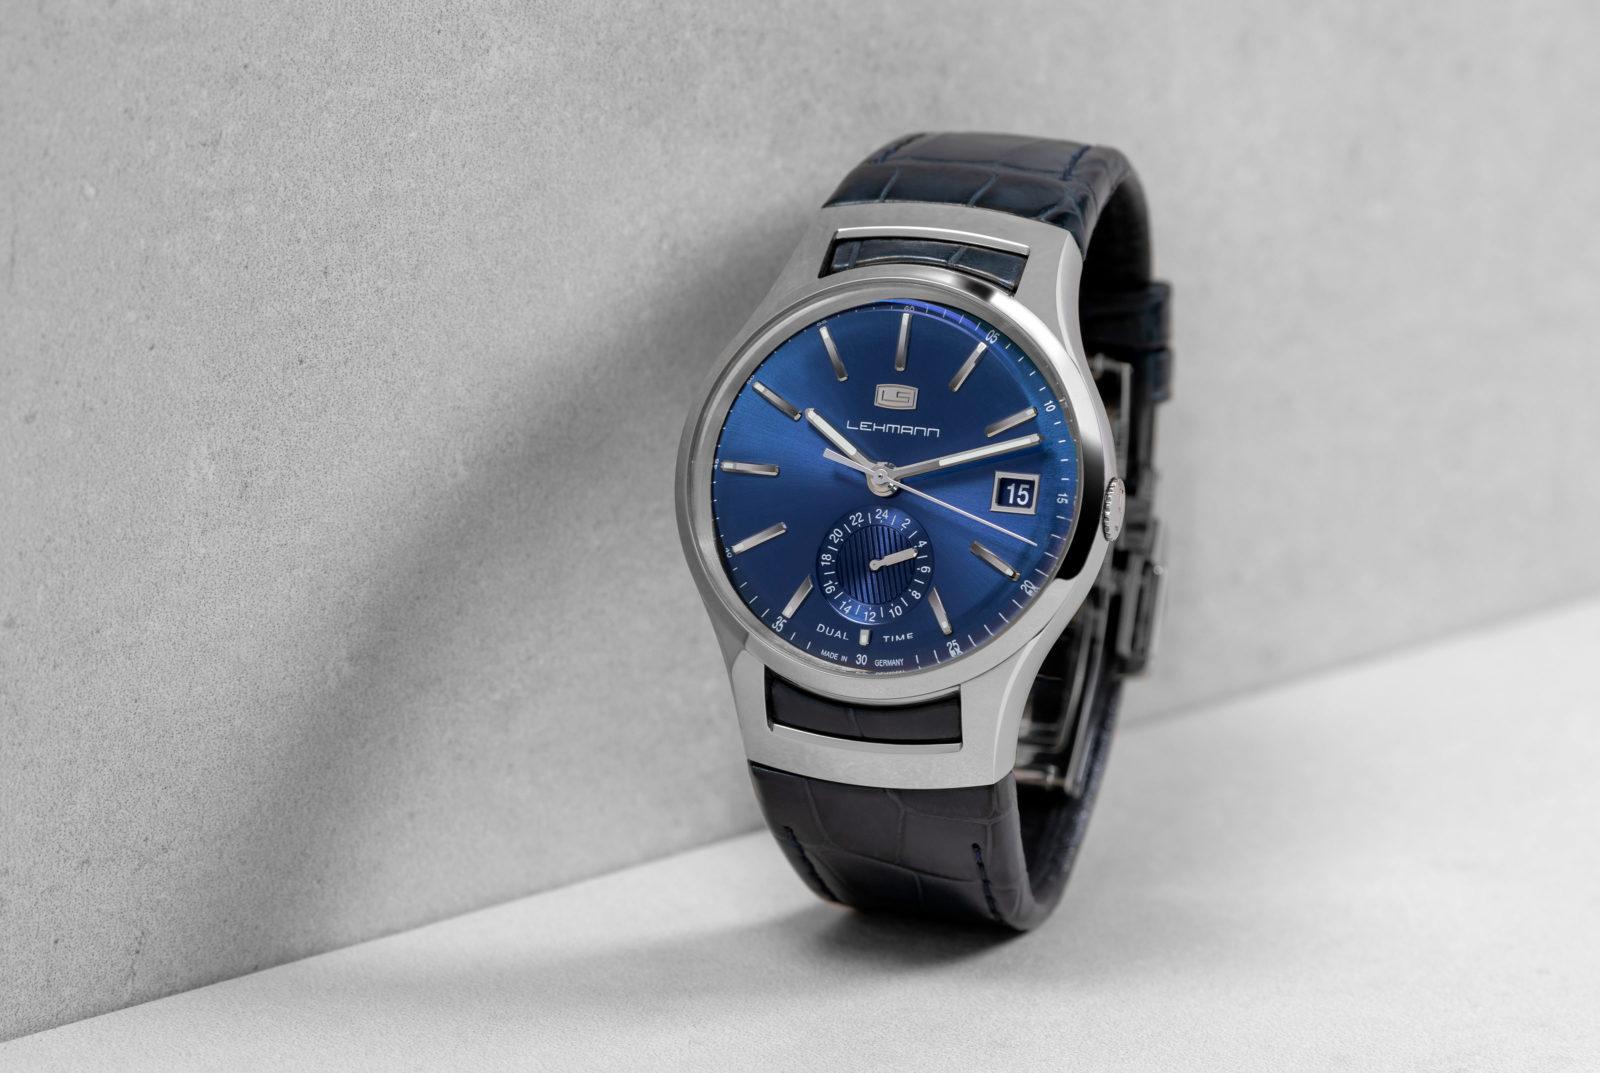 Lehmann Uhren Dual Time in blau